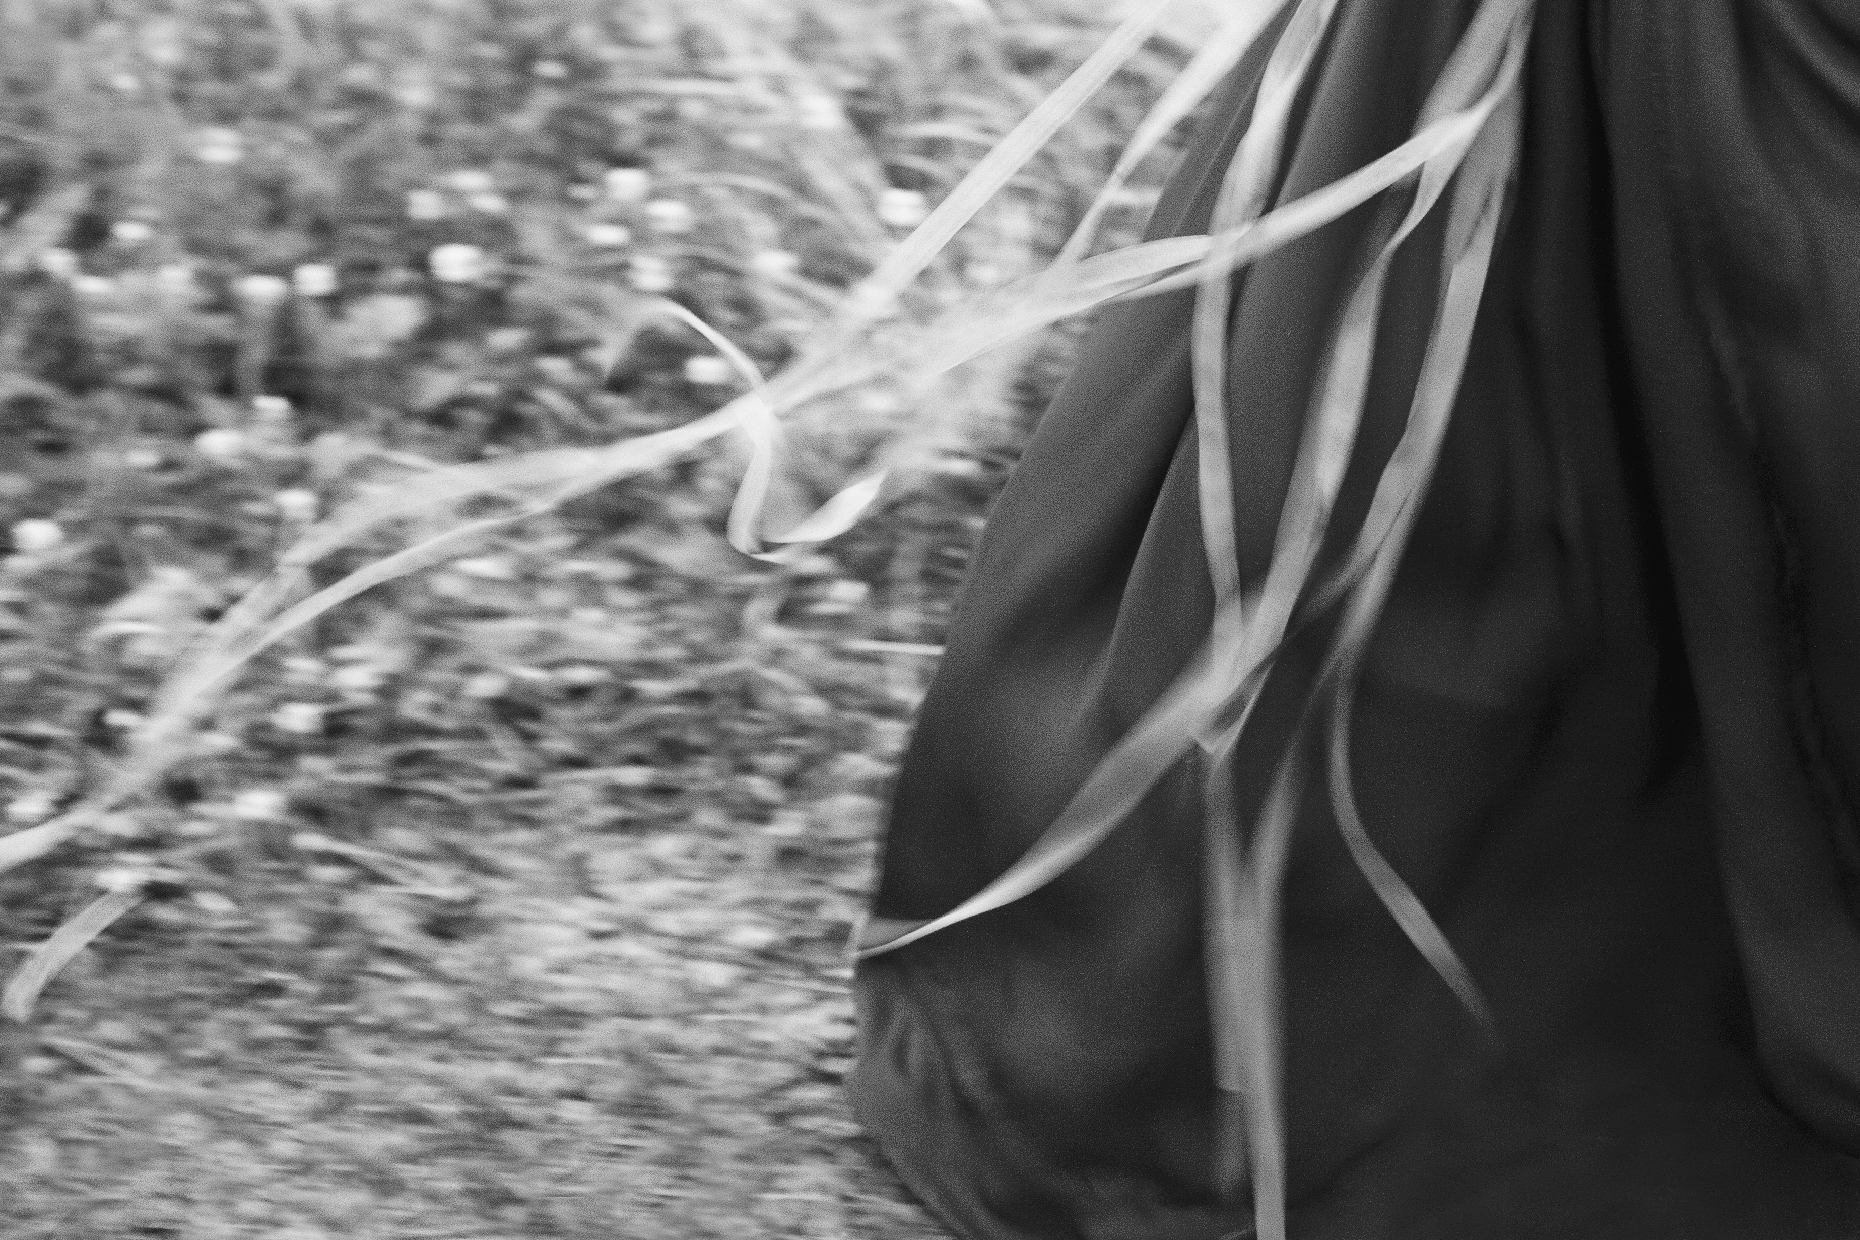 2013_0826_windswept_red_238f_bw.jpg